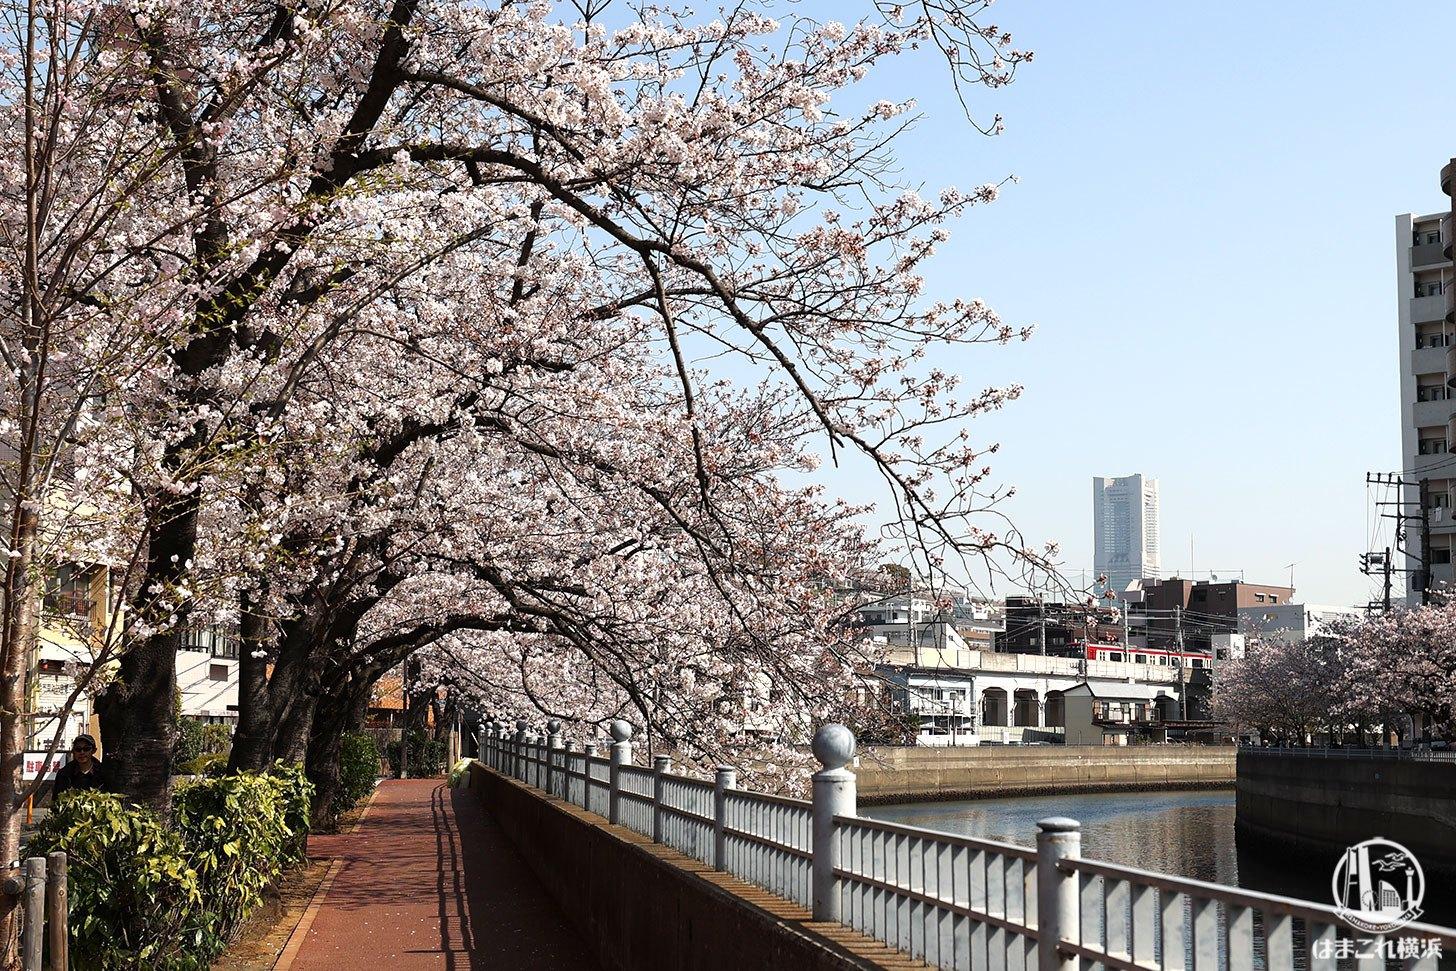 山王橋周辺から見た横浜ランドマークタワーと桜